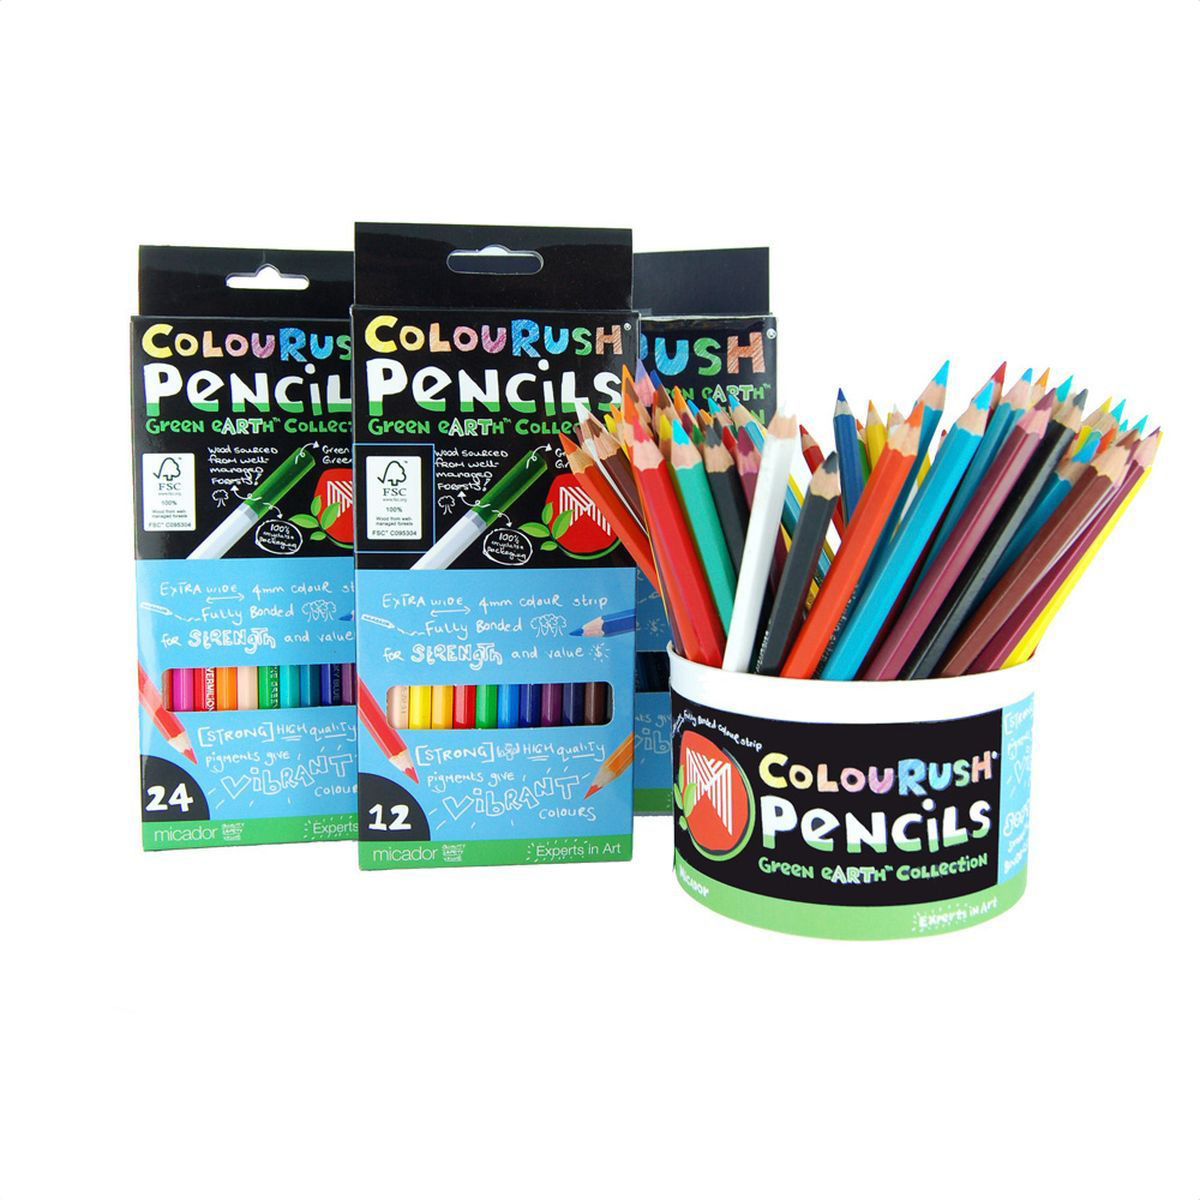 Micador Цветные эко-карандаши 24 цветаFPLMP24Цветные эко-карандаши Micador не оставят равнодушным ни одного ребенка. Многообразие ярких и насыщенных цветов, есть даже золотой, серебряный и телесный цвета!Благодаря высокому качеству древесной оболочки, обеспечивается ровное и гладкое затачивание что исключает покупать все новые и новые карандаши. Грифель имеет больший диаметр (4 мм), чем обычно, что позволит не так часто затачивать карандаши, а также позволяет намного быстрее и без дополнительных усилий разукрашивать большие рисунки. Карандаши не крошатся при рисовании, не трескаются при падении, легко затачиваются.Не содержат токсических веществ, полностью безопасны для маленьких детей. Изготовлены с использованием солнечной энергии, полностью перерабатываемая упаковка. Сделаны с любовью к природе и детству!Рисование развивает творческие способности, воображение, логику, память, мышление. Пусть мир вашего ребенка будет ярким и безопасным!Австралийский бренд Micador - эксперт в товарах для детского творчества с 1954 года.